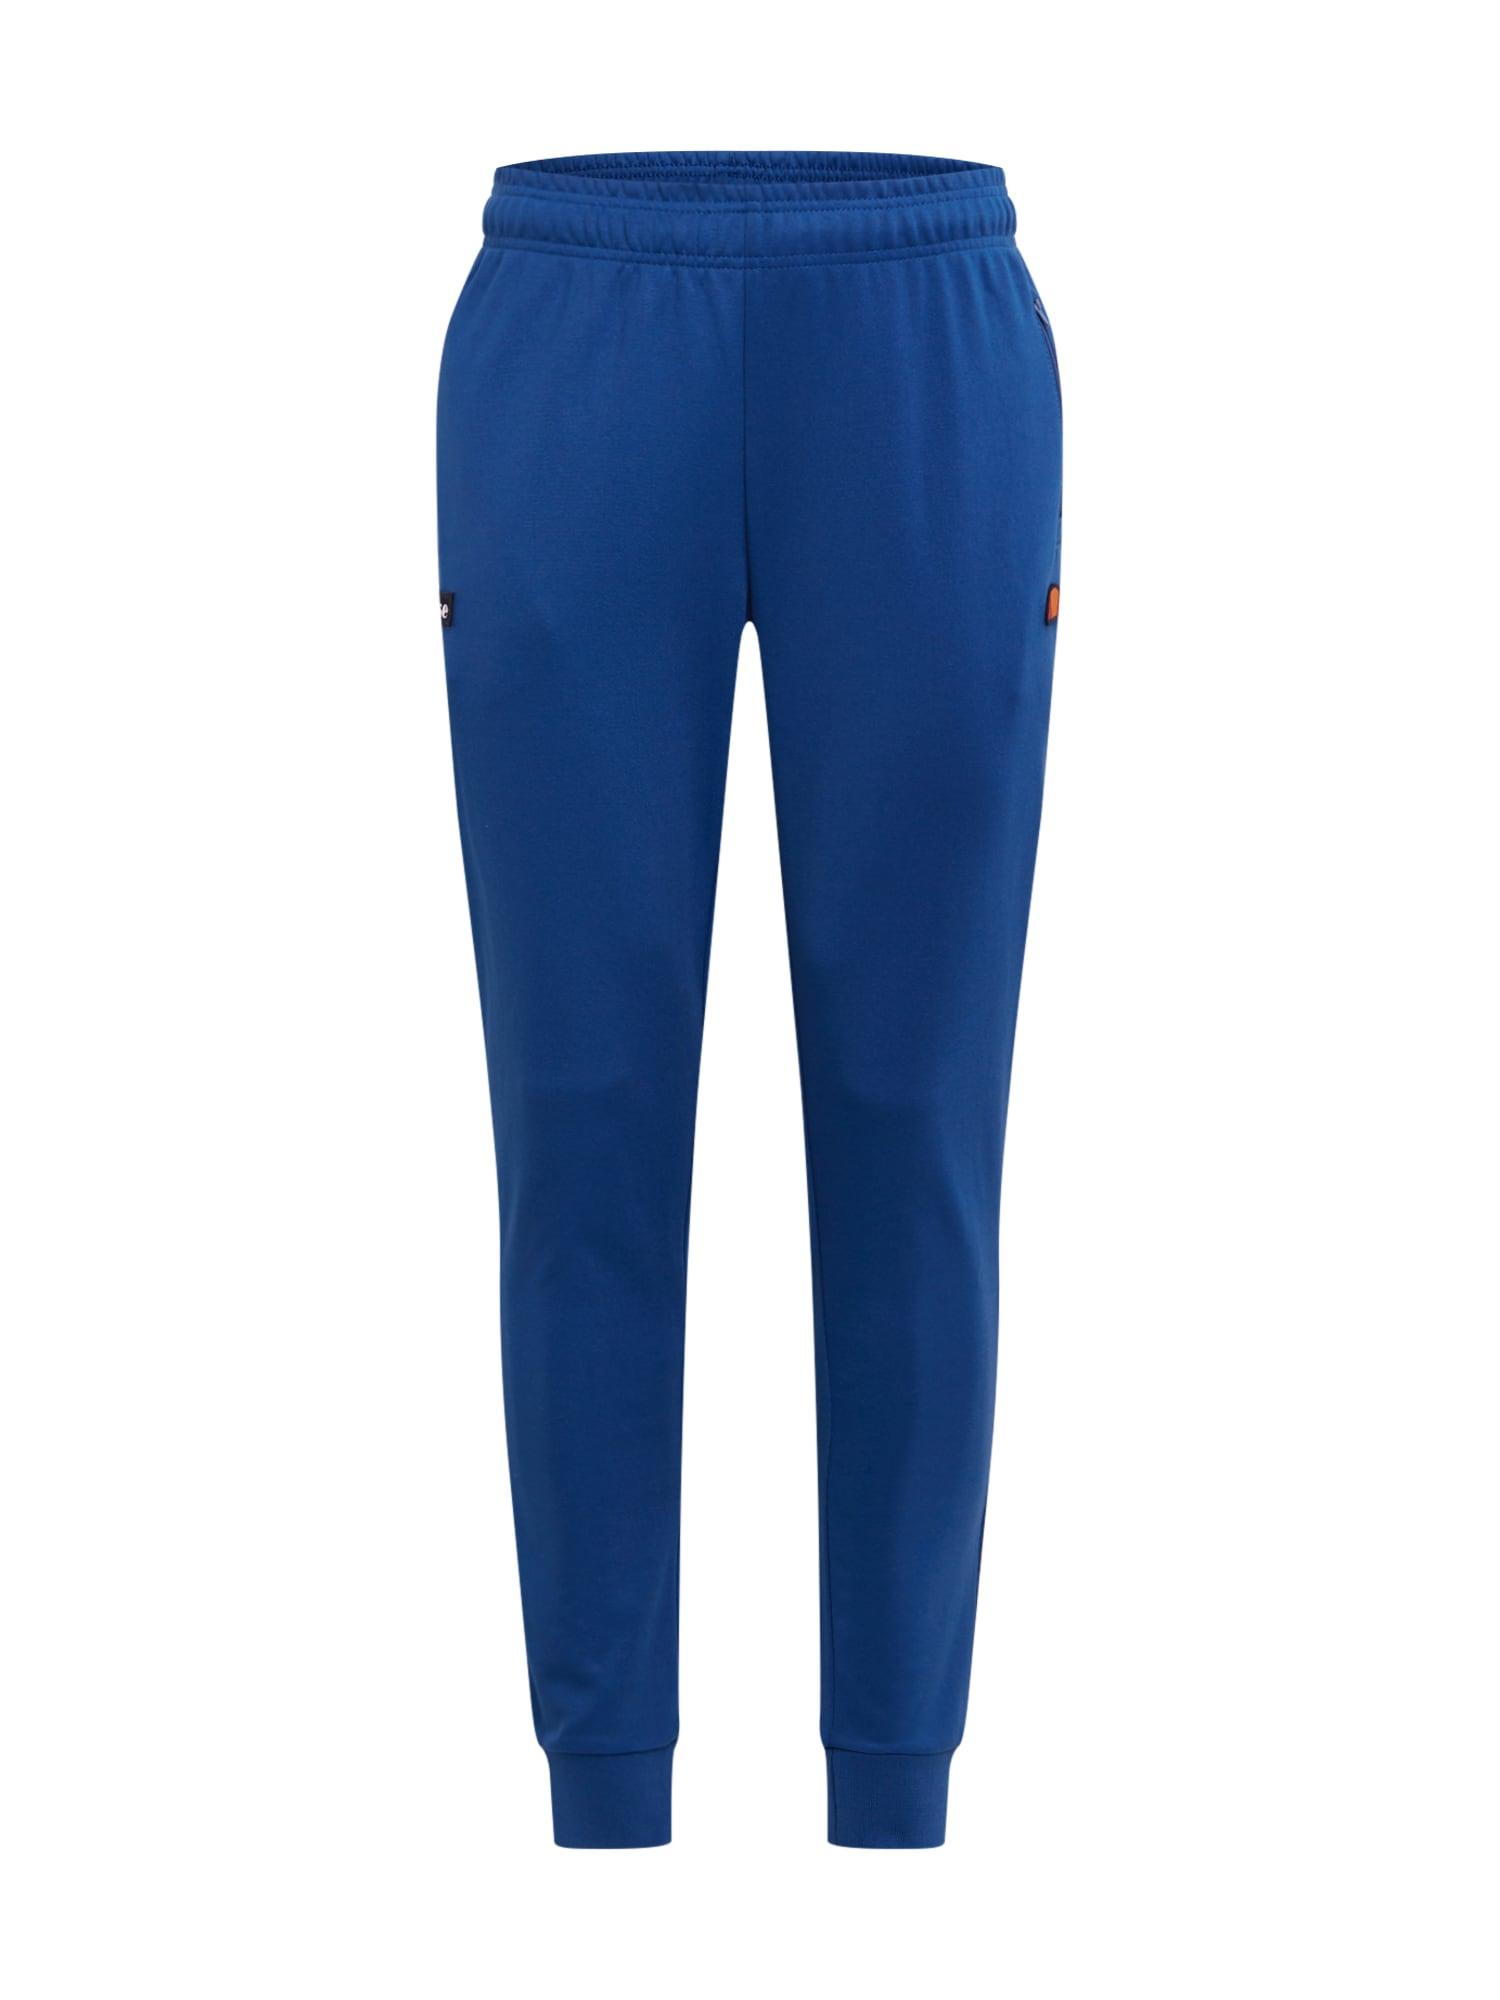 ELLESSE Sportinės kelnės 'BERTONI' mėlyna